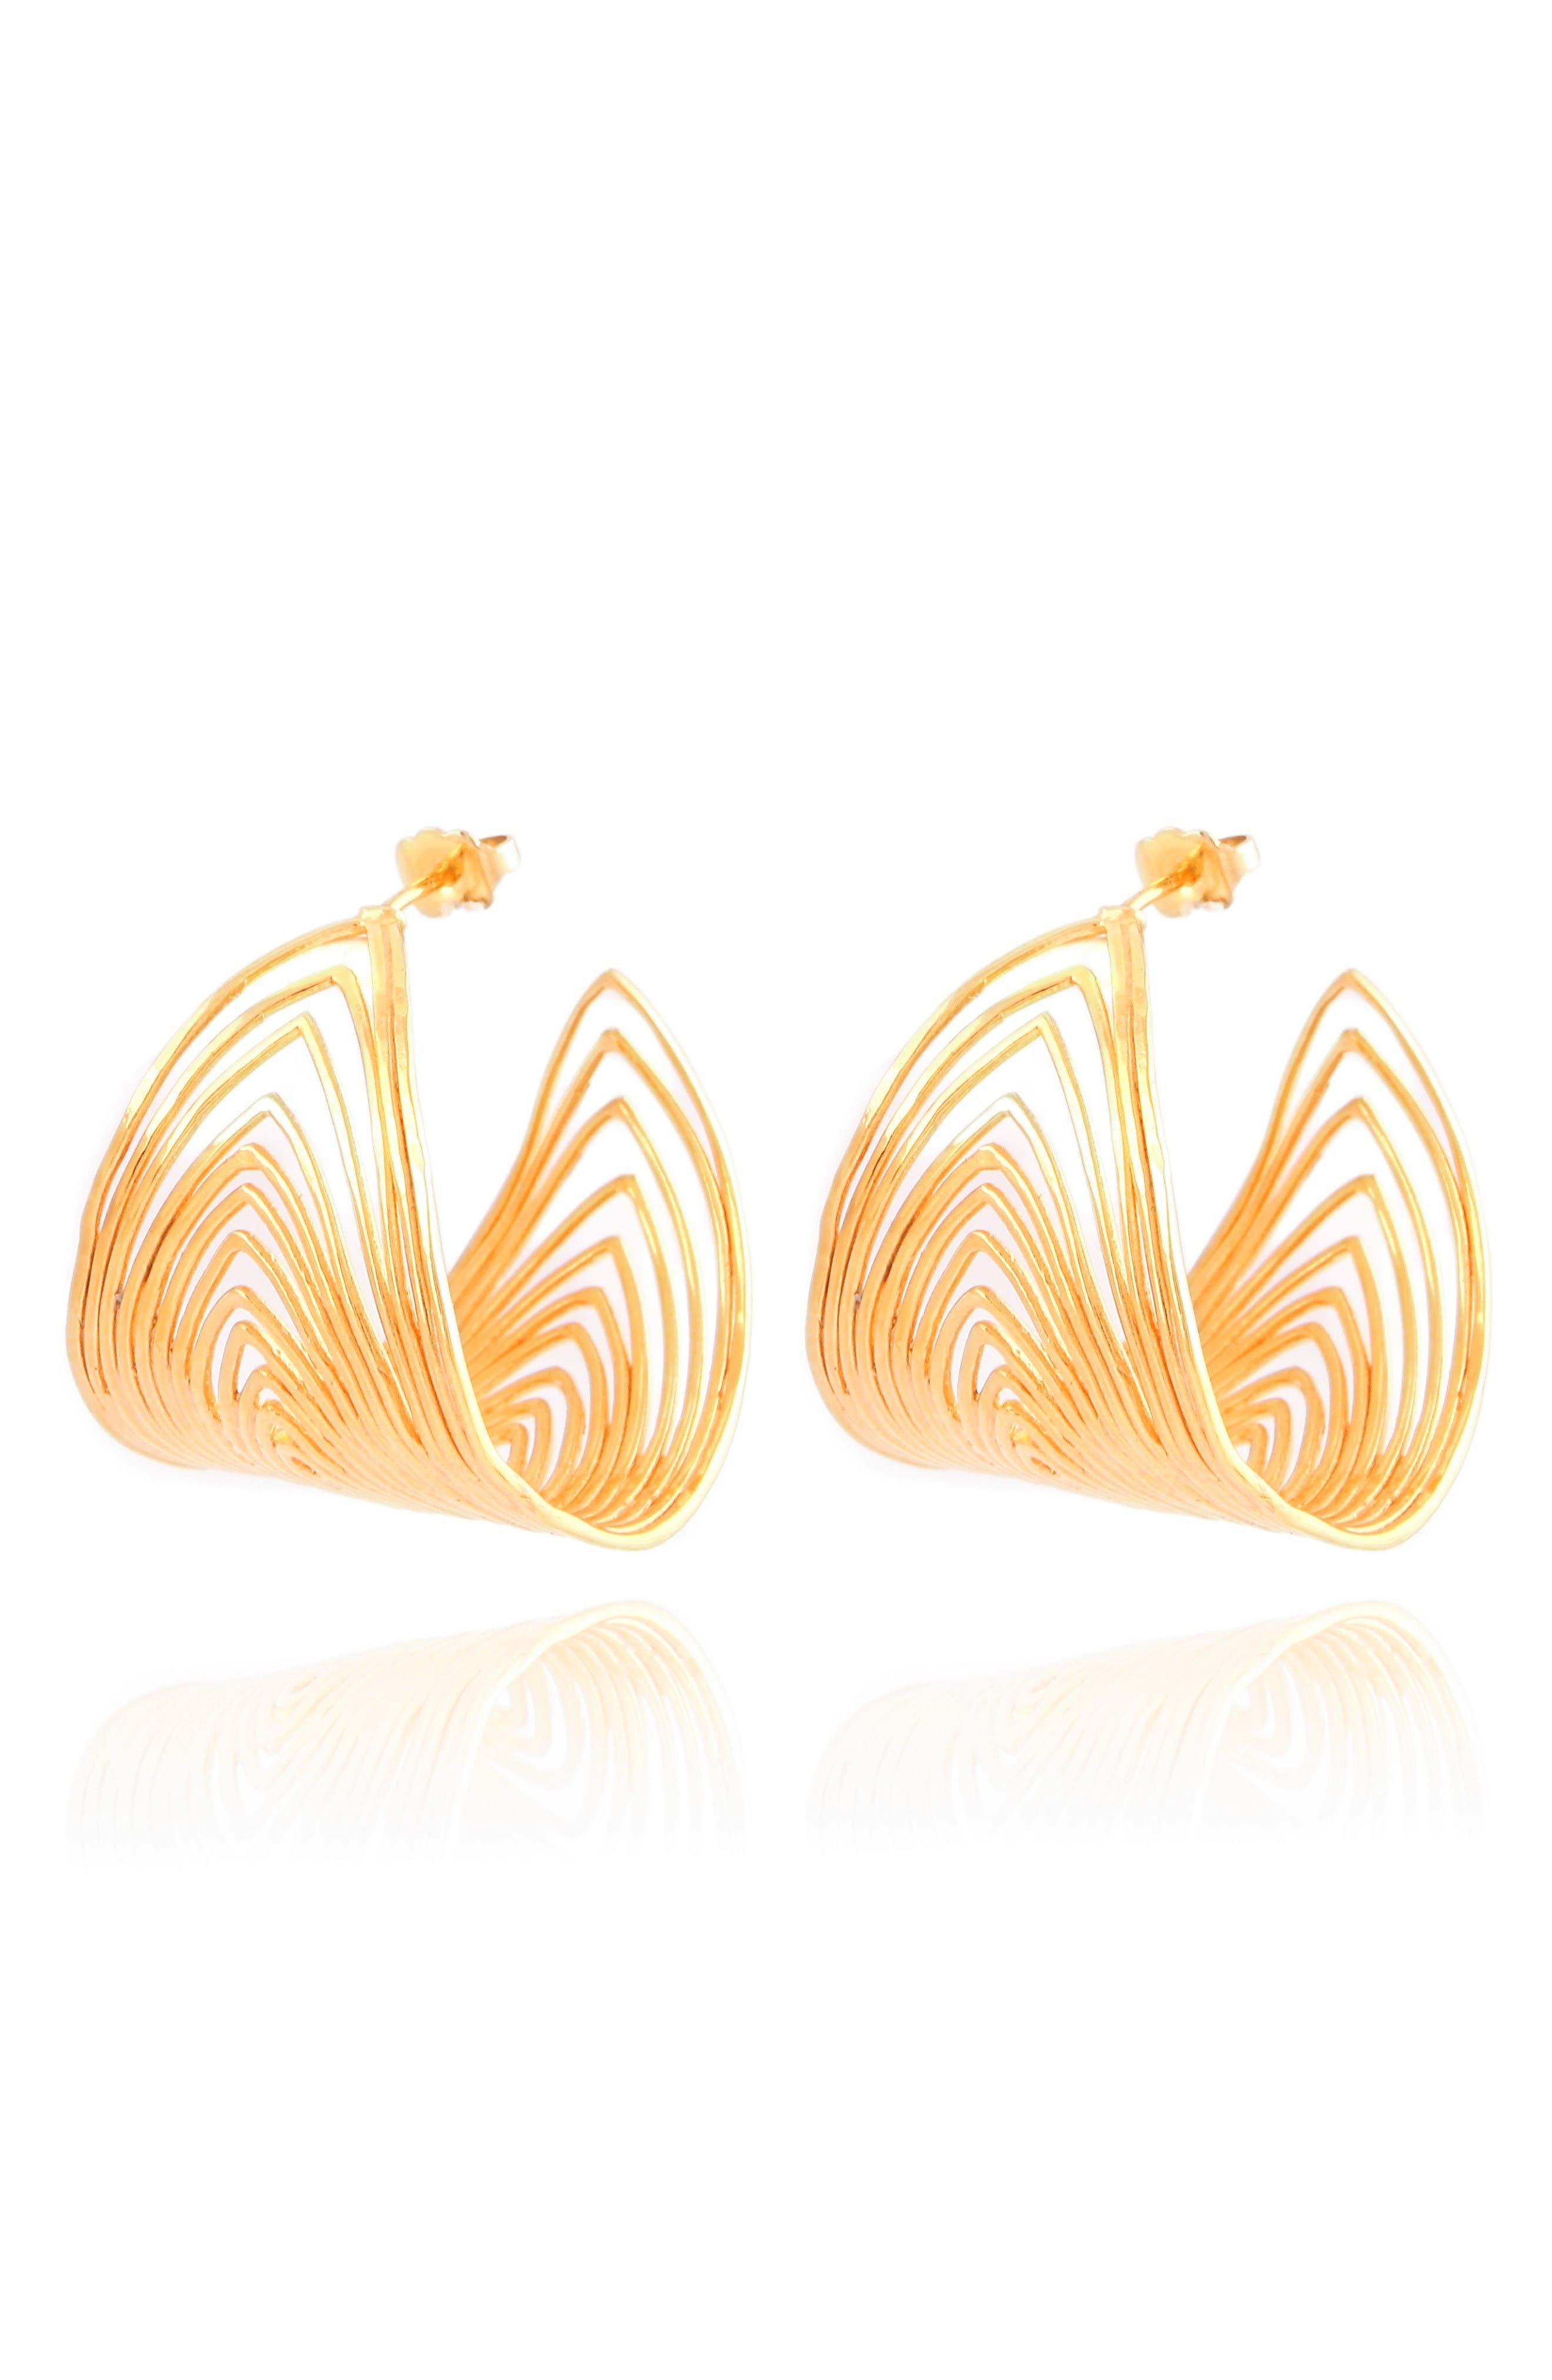 Alternate Image 1 Selected - Gas Bijoux Wave Hoop Earrings